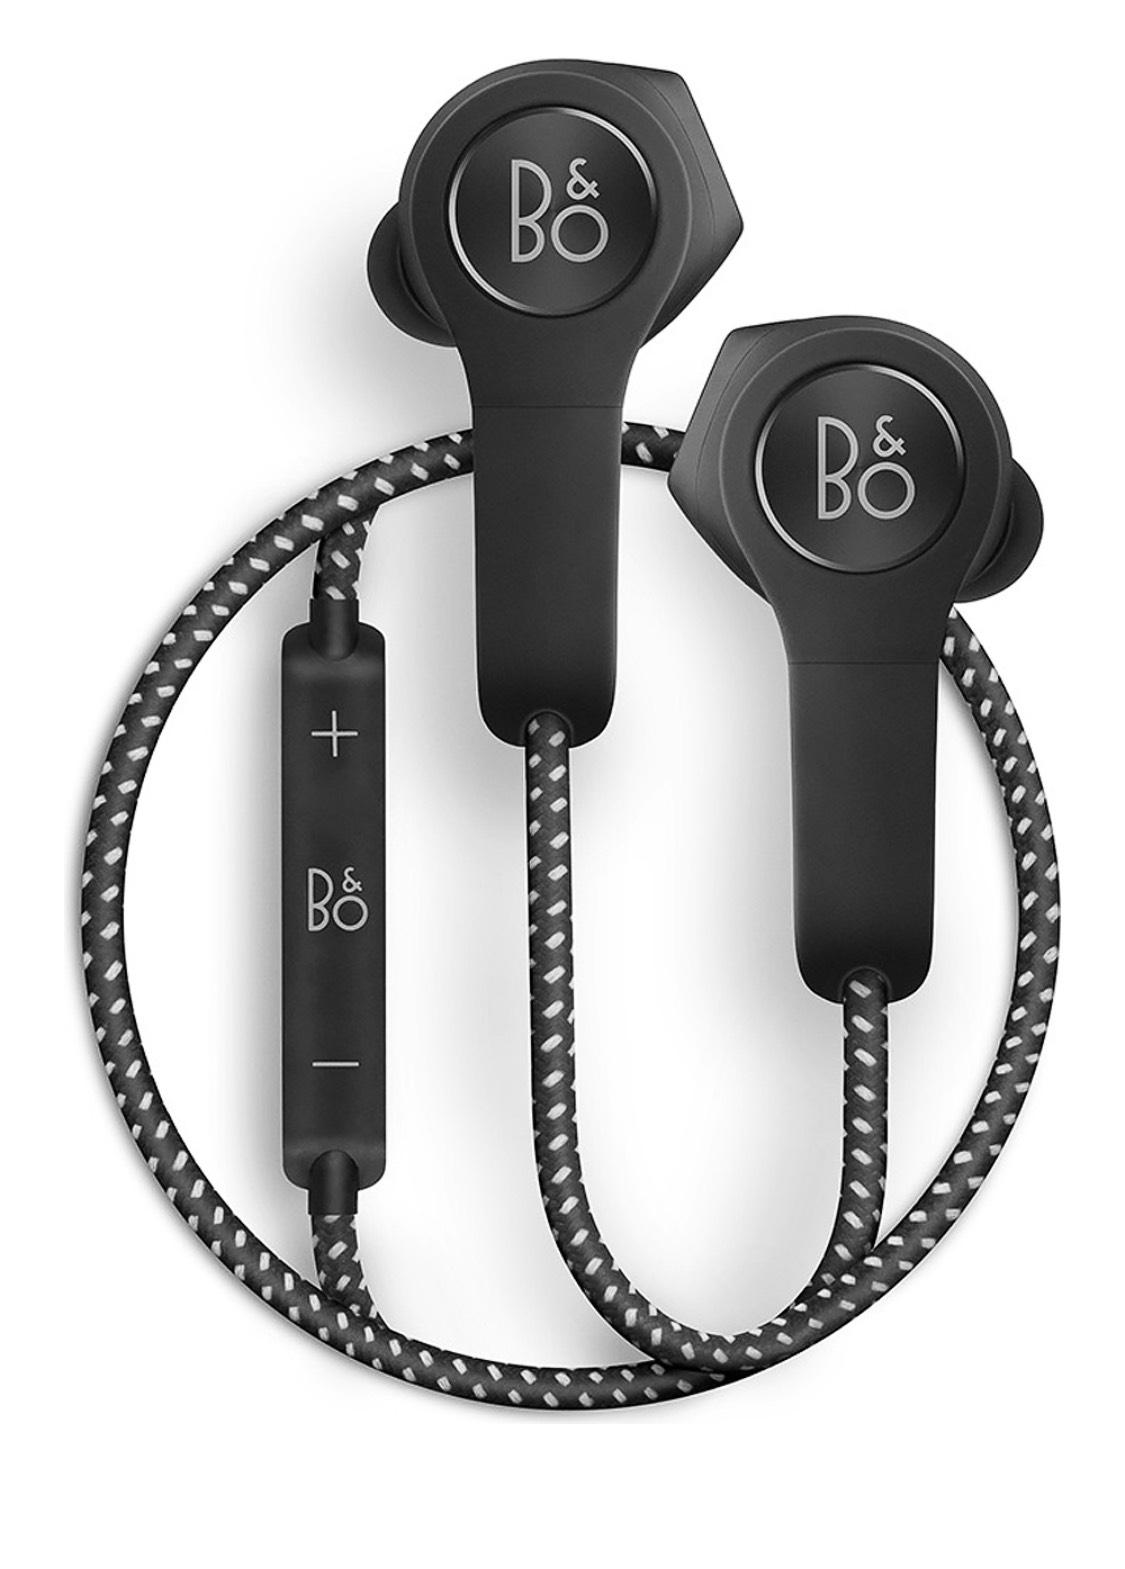 B&O Beoplay H5 Bluetooth In-ear-Kopfhörer, schwarz